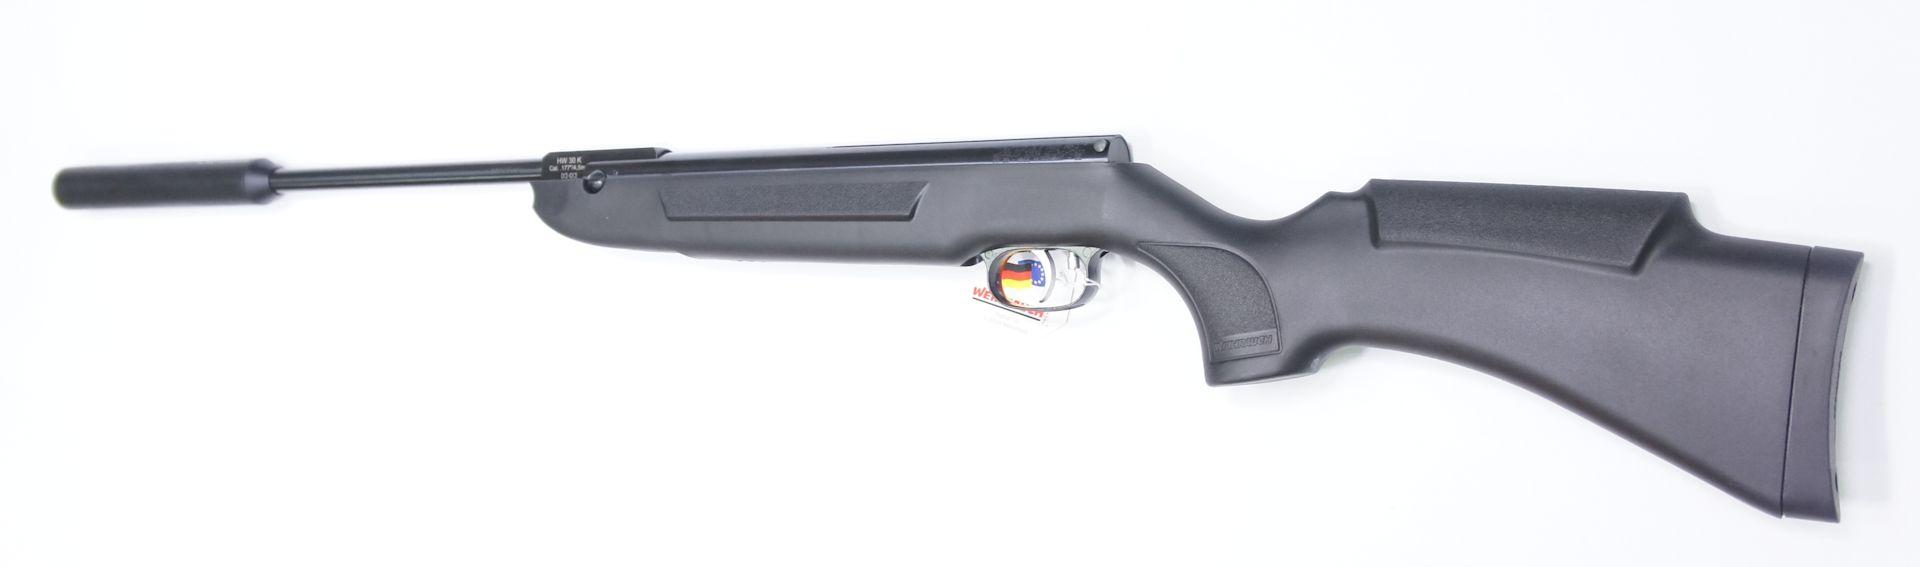 Der Synthetikschaft vom Luftgewehr Weihrauch HW 30S liegt angenehm in der Hand